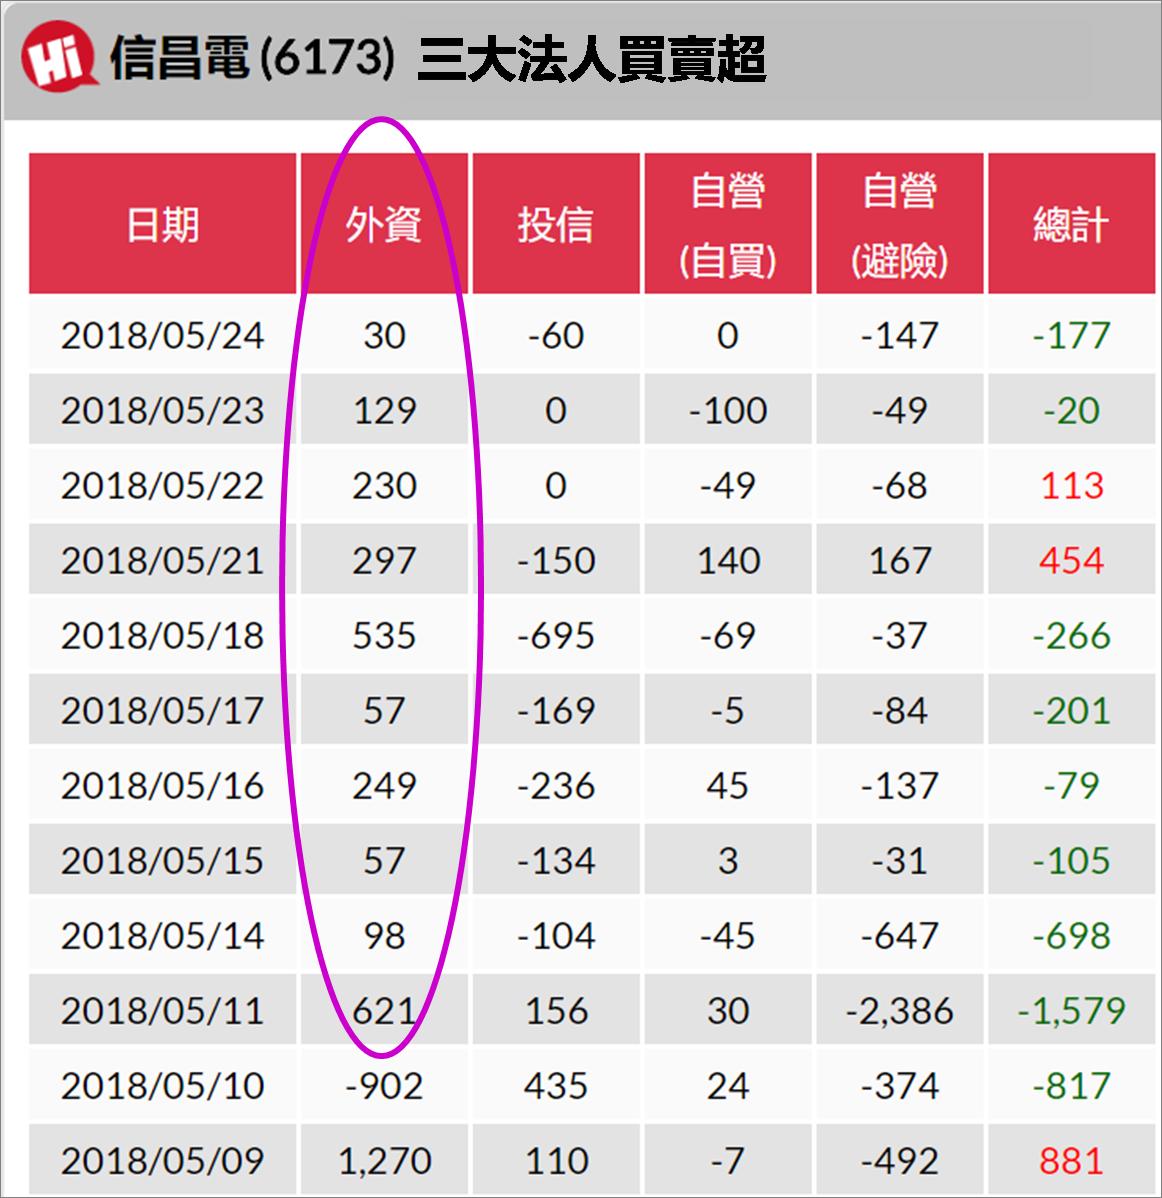 宅媽的股票大數據資料庫_20180525 (更新標題)_06